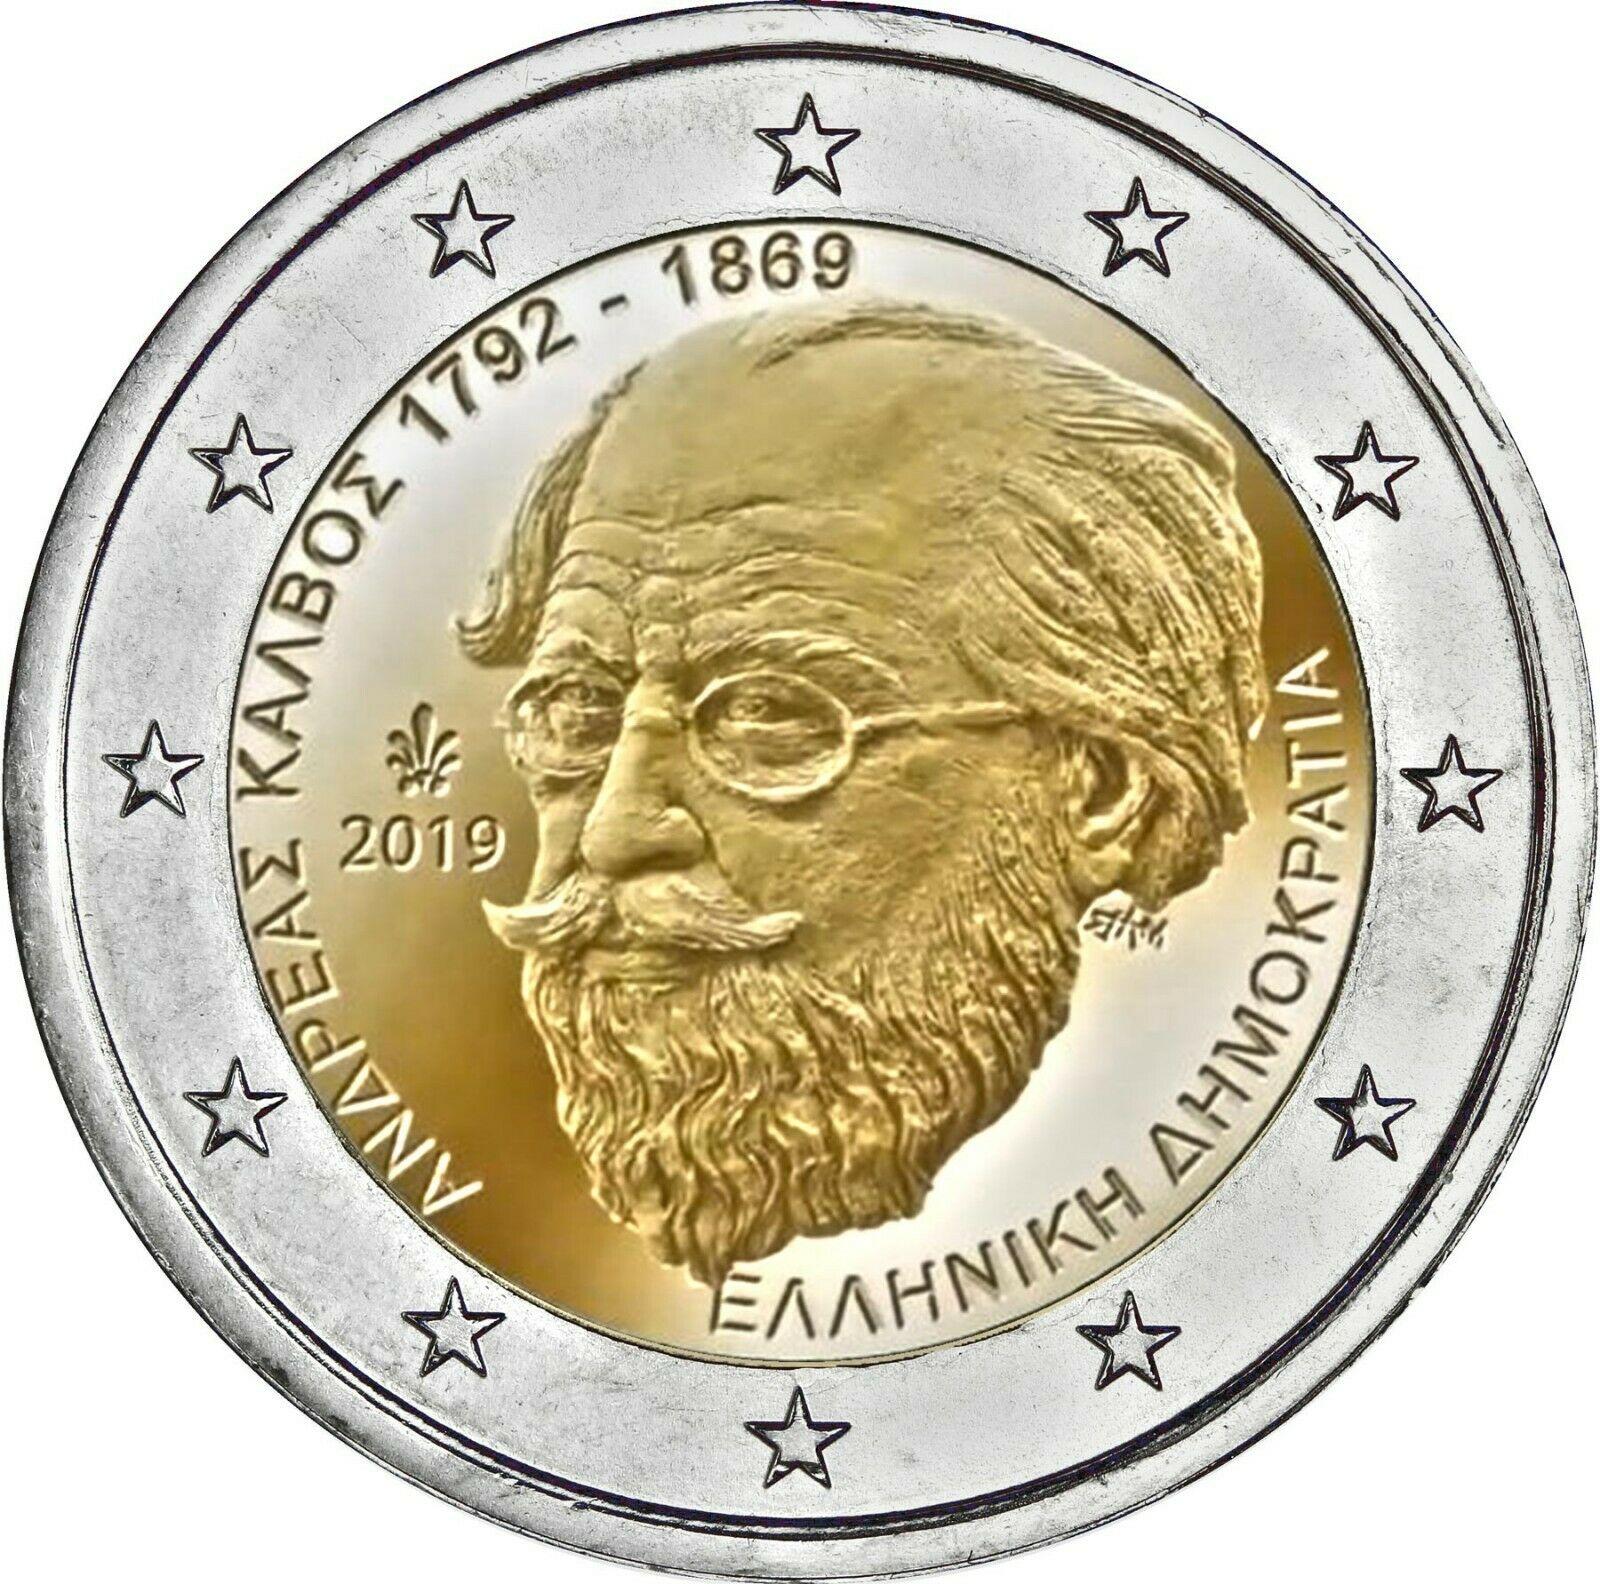 Греция 2 евро 2019 г. 150 лет со дня смерти Андреаса Калвоса